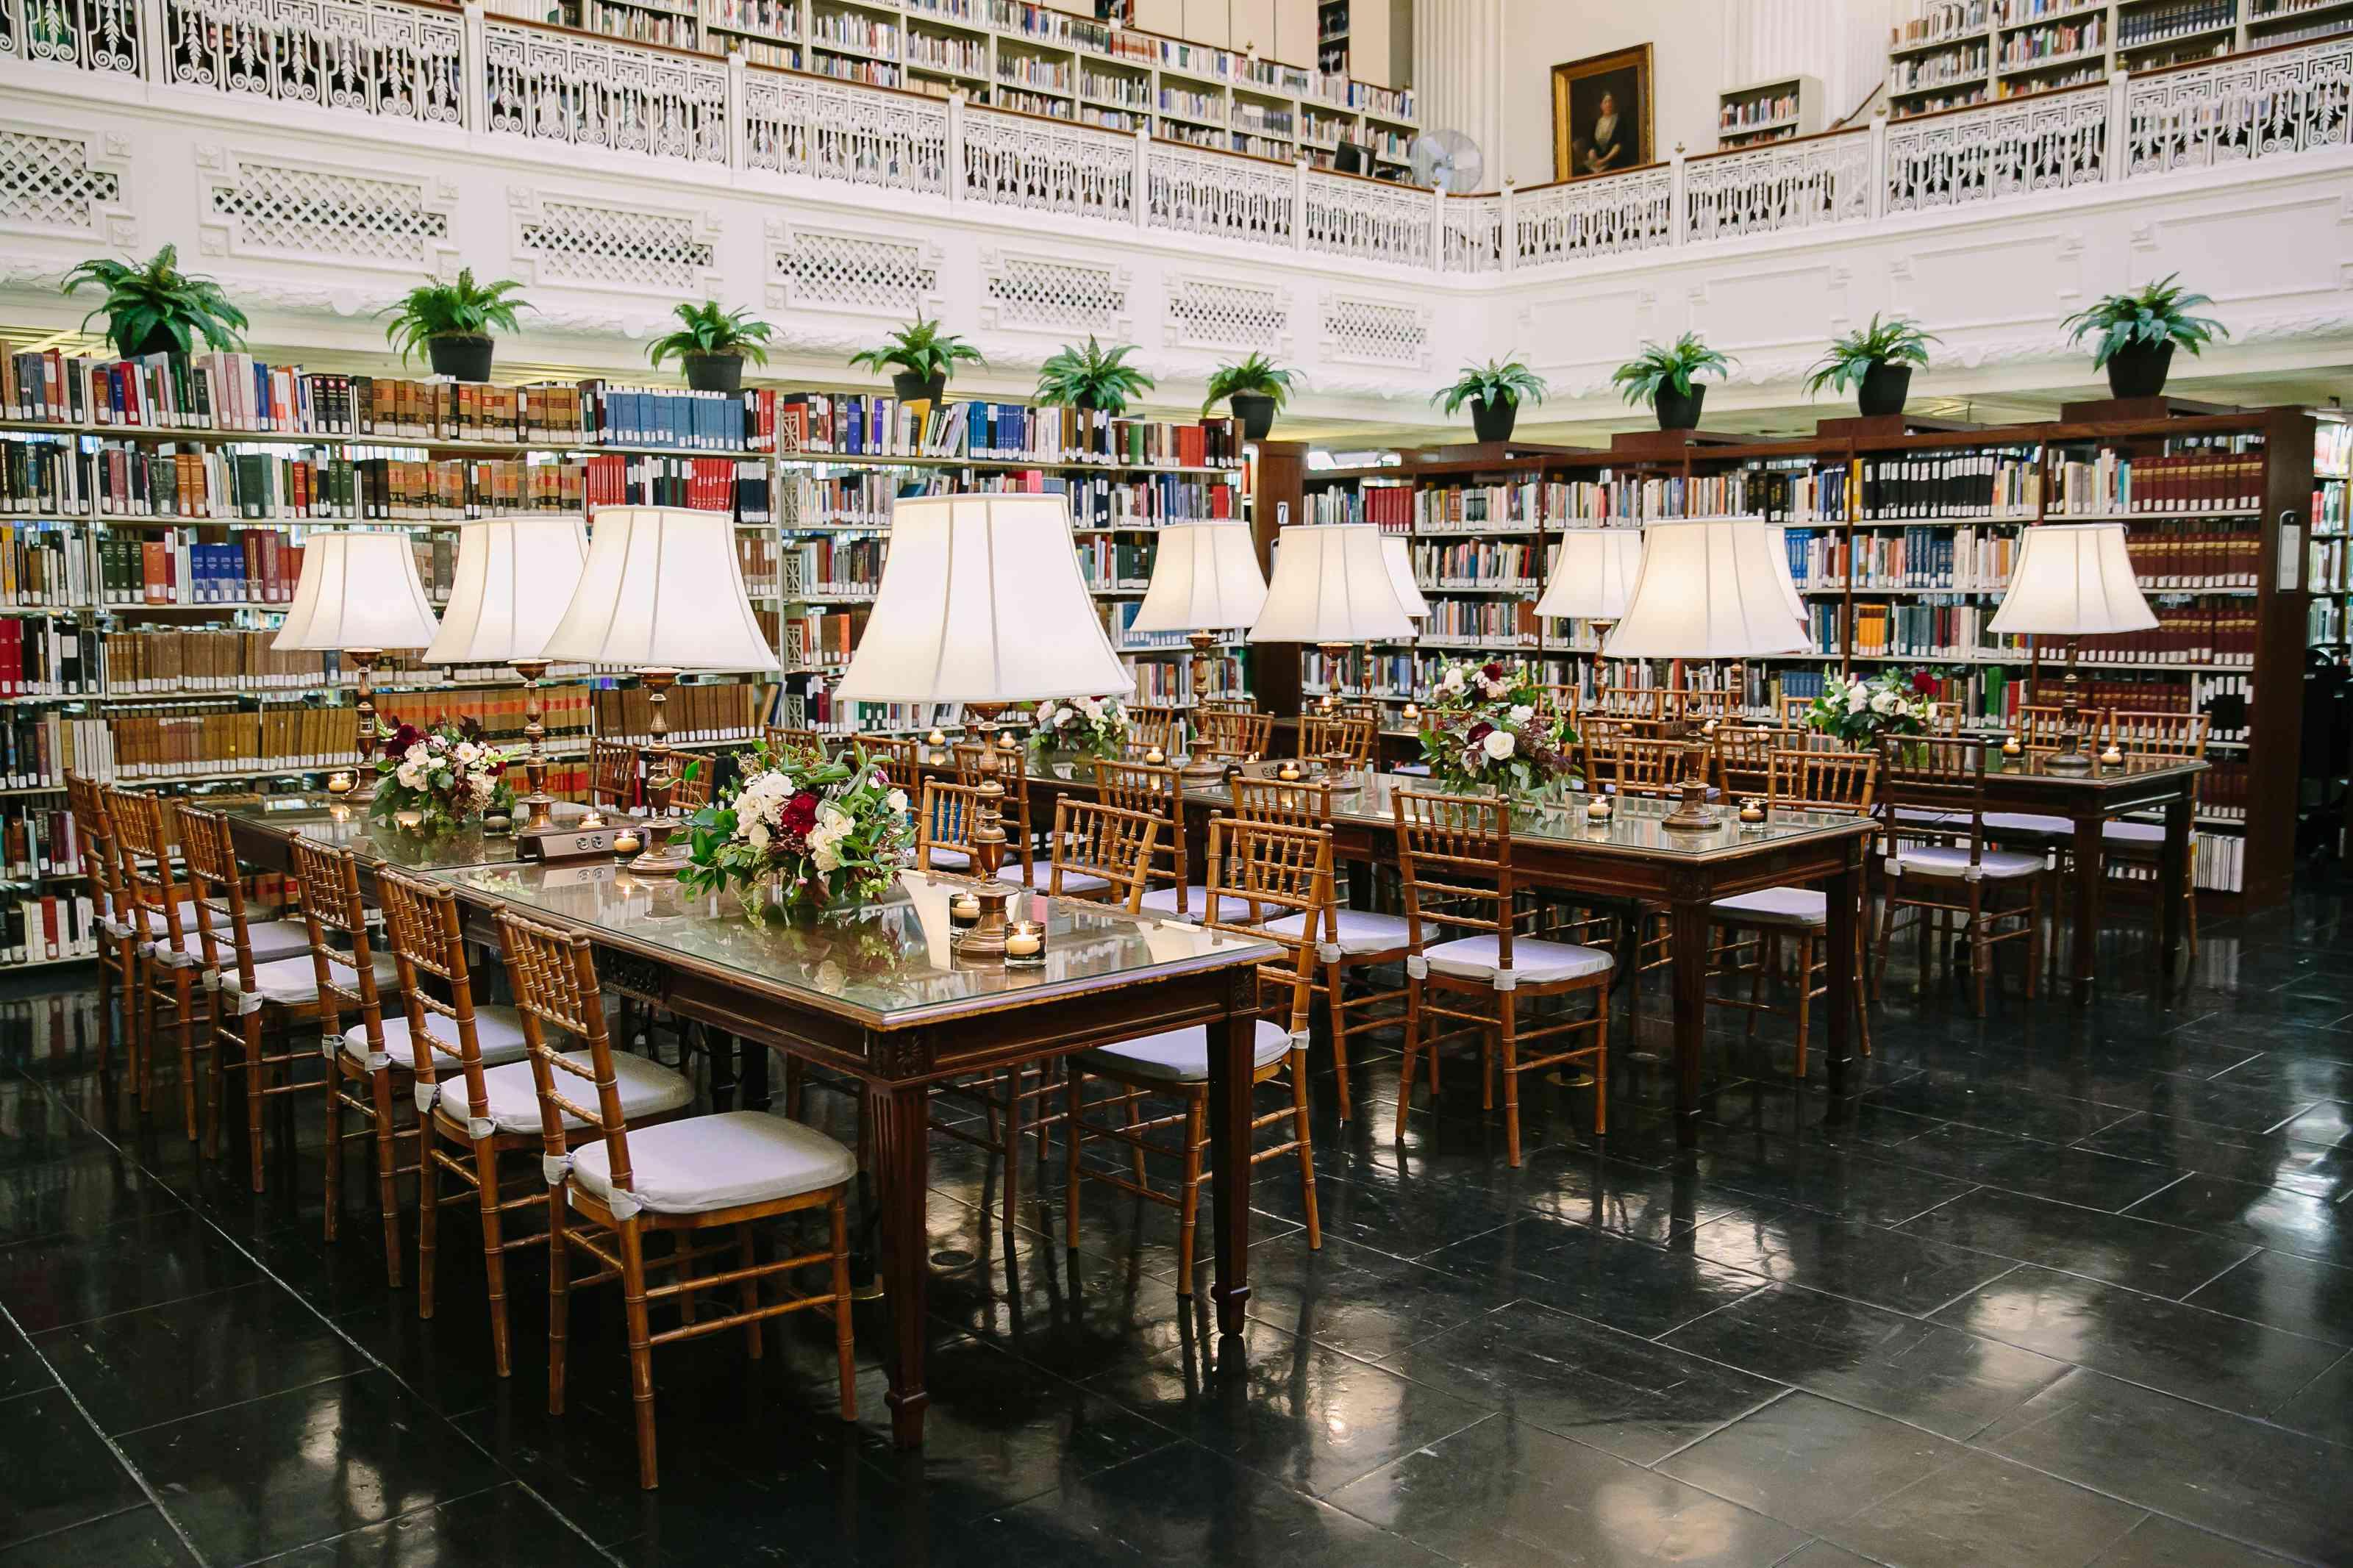 Library reception venue